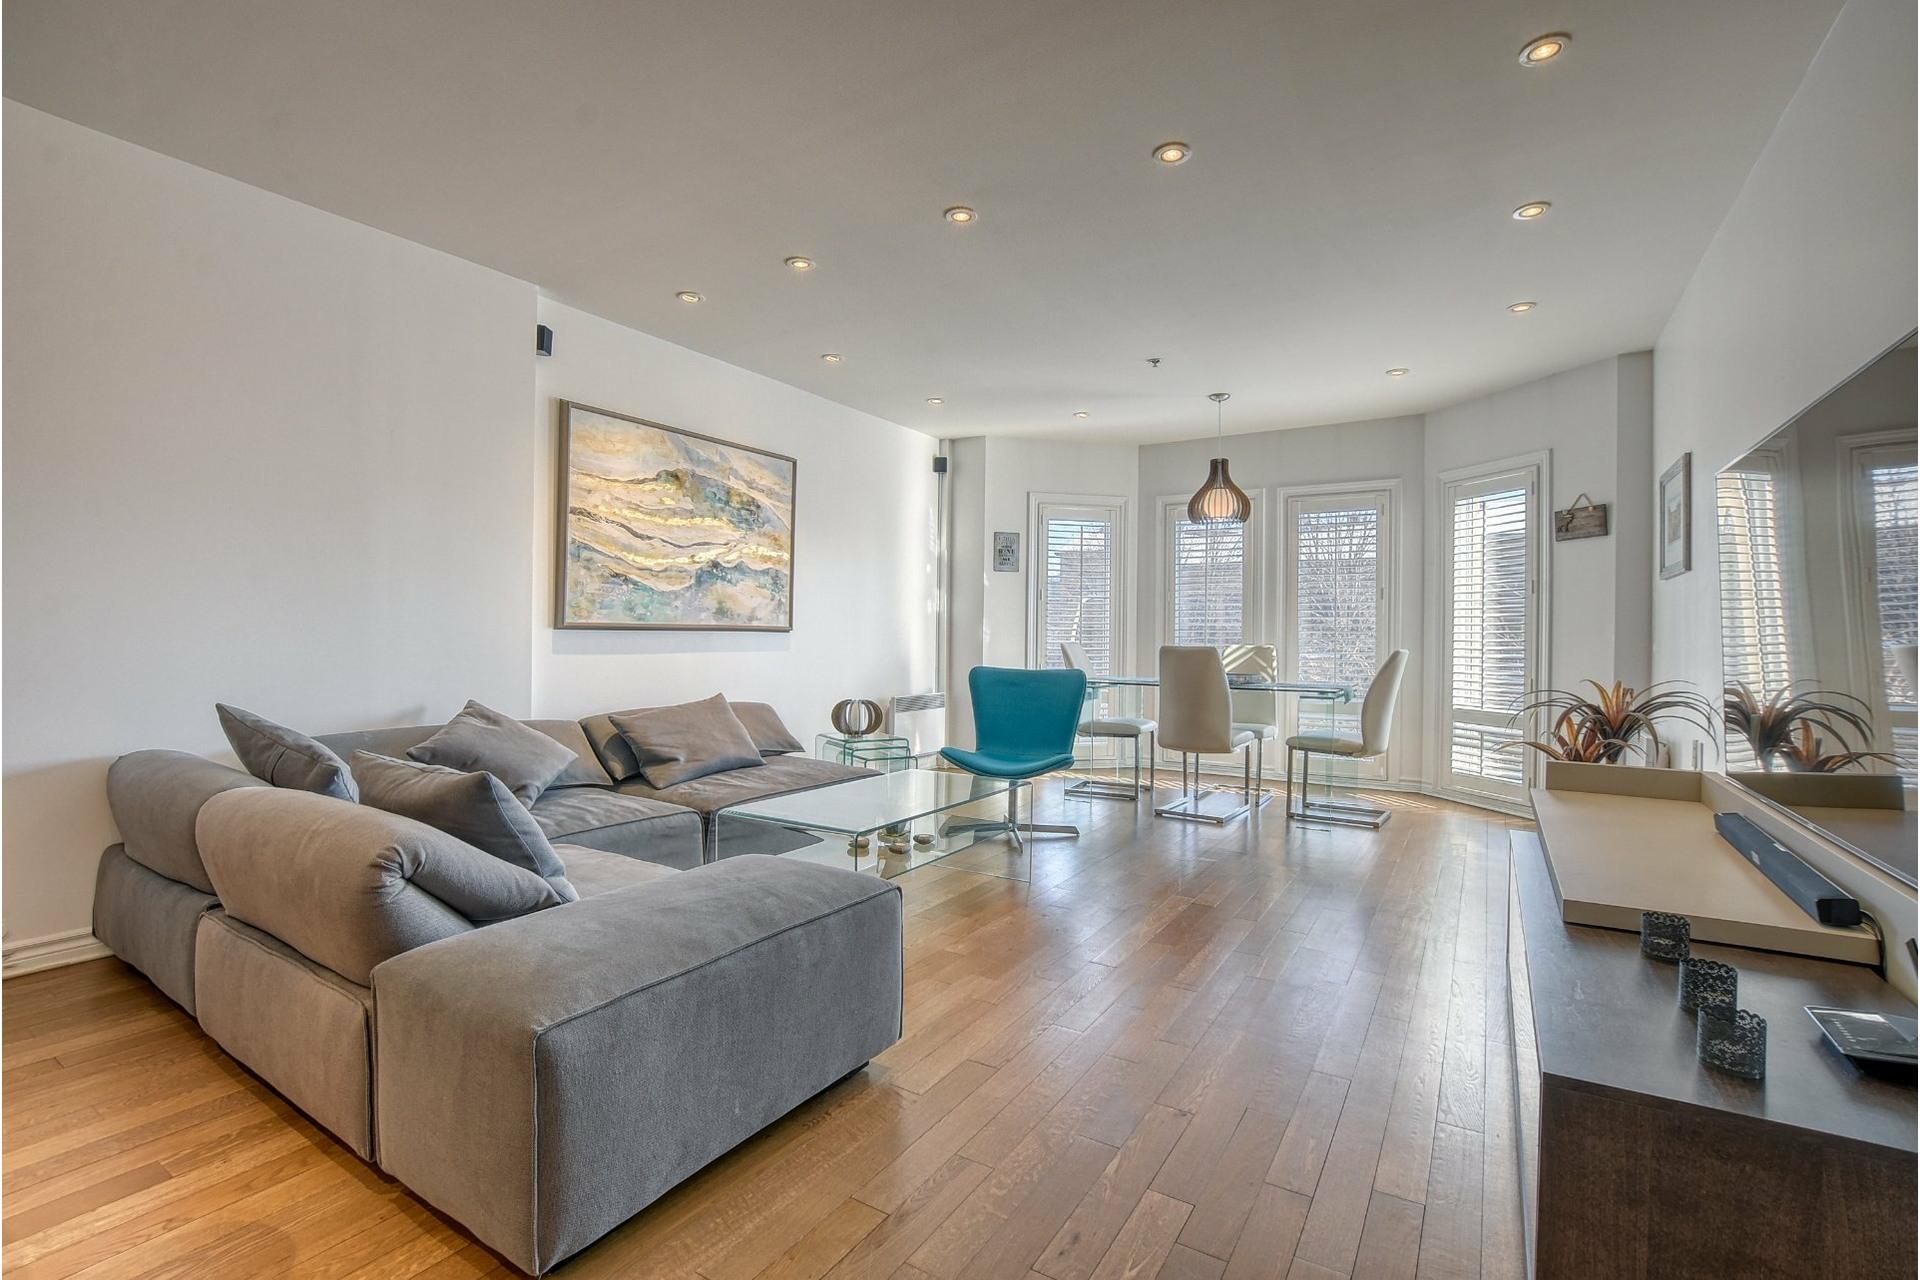 image 2 - Appartement À louer Ville-Marie Montréal  - 5 pièces